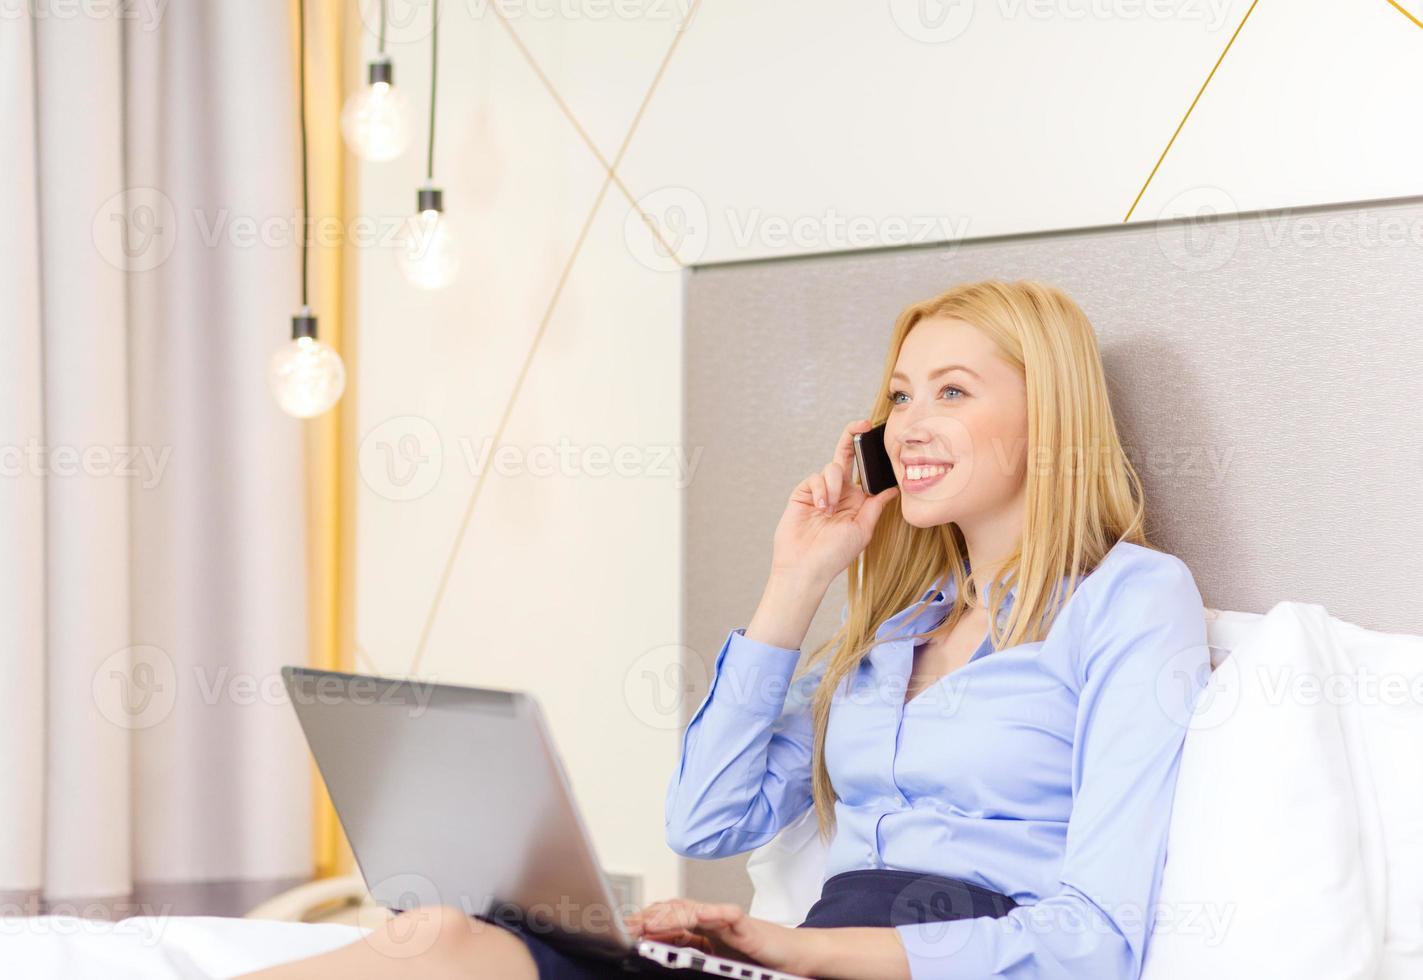 glückliche Geschäftsfrau, die auf Smartphone im Hotel anruft foto